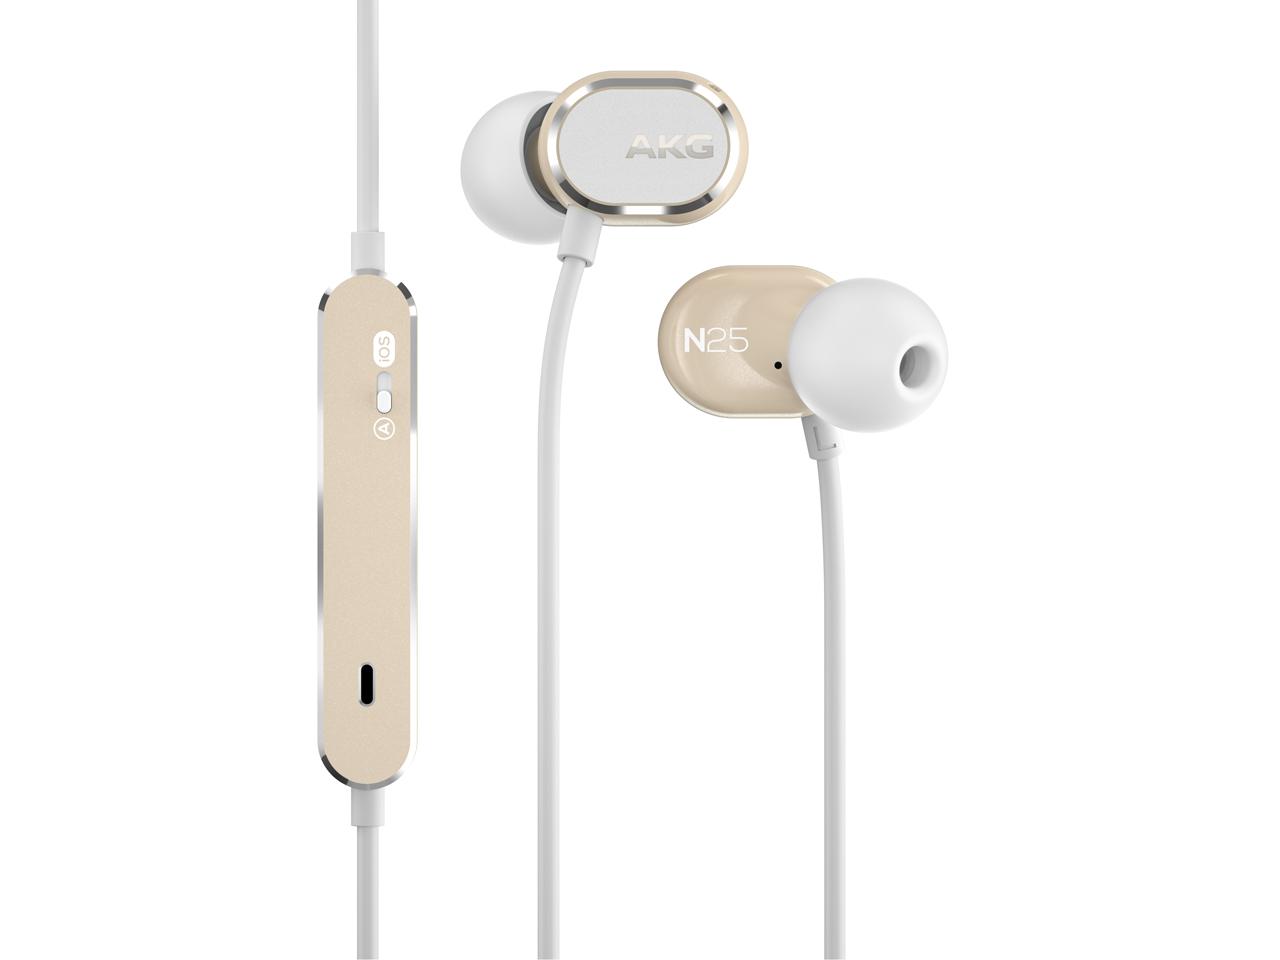 Http Item K0000941202 Images Https Img1kakakuk Hp In Ear H2310 Navy Blue Headset K0000944522